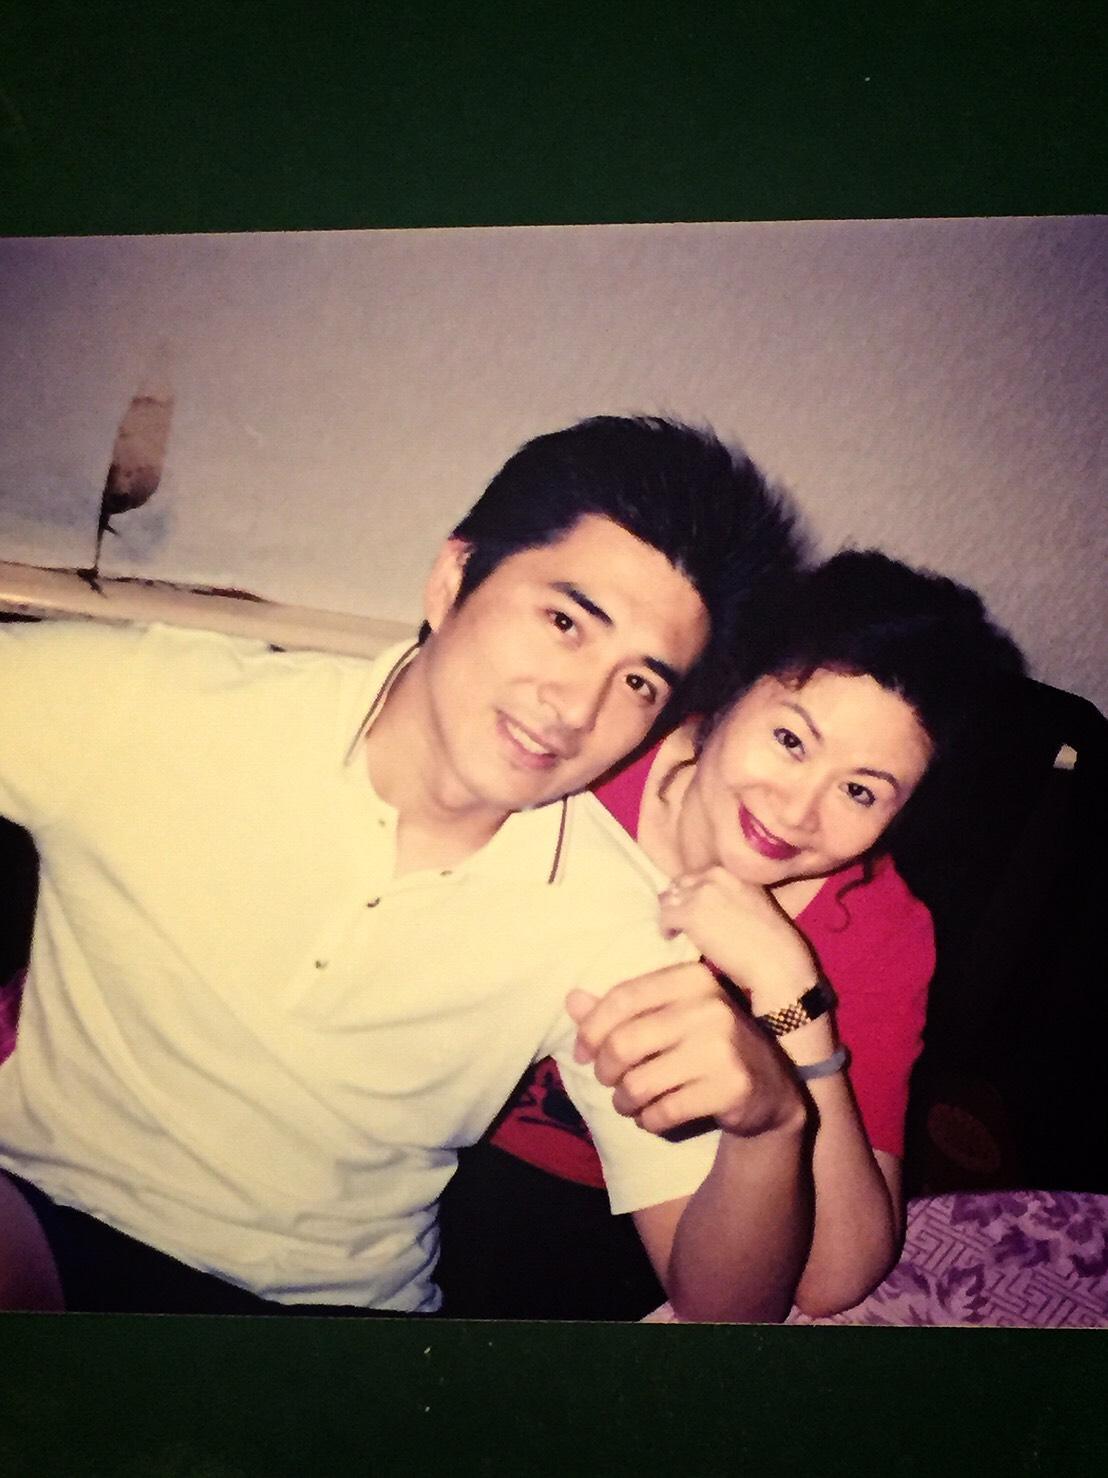 邵昕與母親易秀楓(右)感情親暱,決定踏入演藝圈時,母親陪同拍攝宣傳照。(邵昕提供)